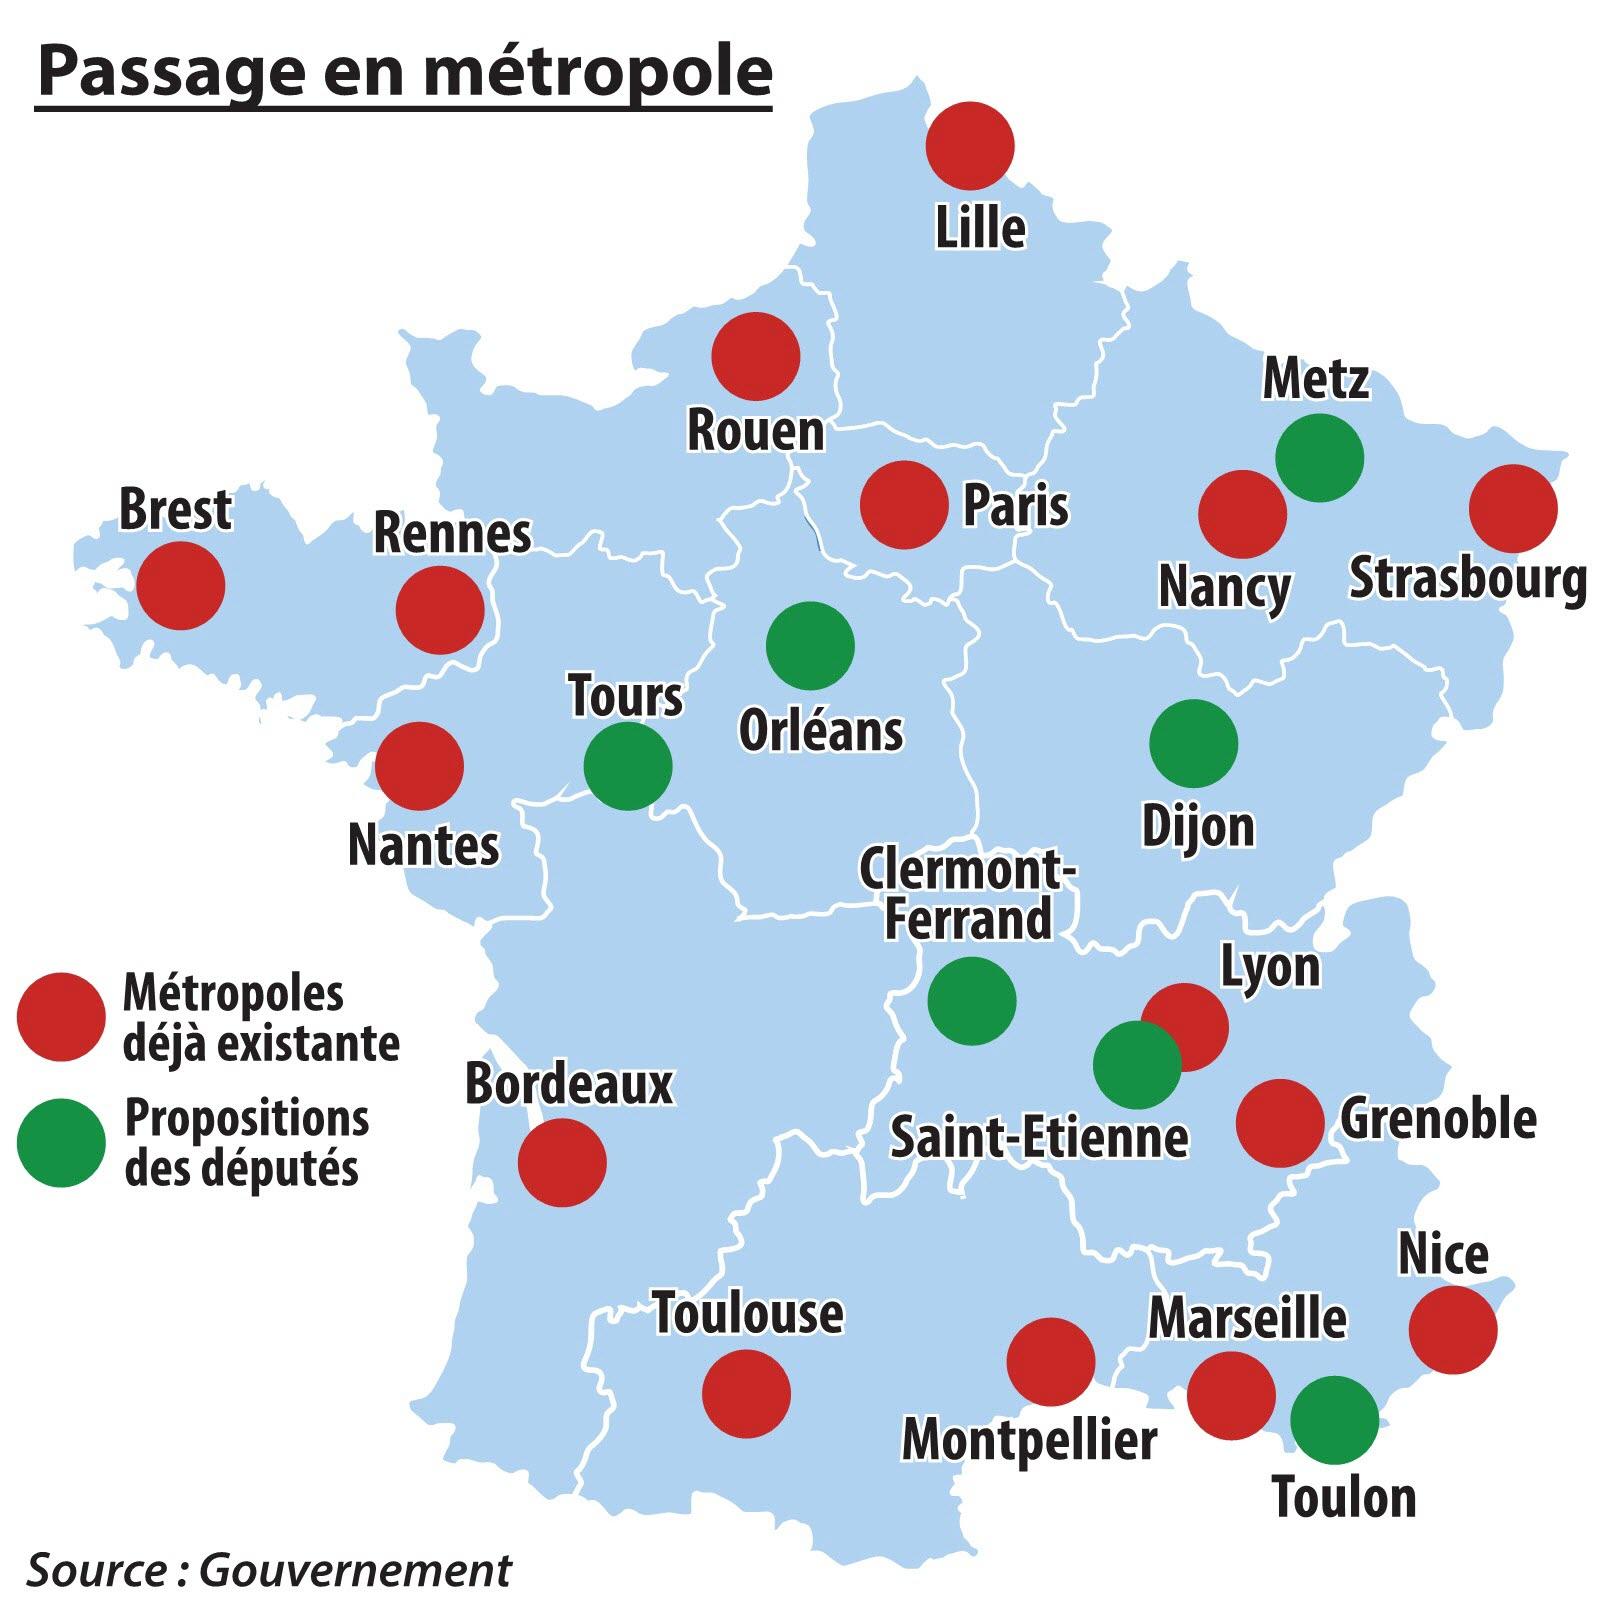 Politique | Metz Sur La Carte De France Des Grandes Villes concernant Carte De La France Avec Les Grandes Villes